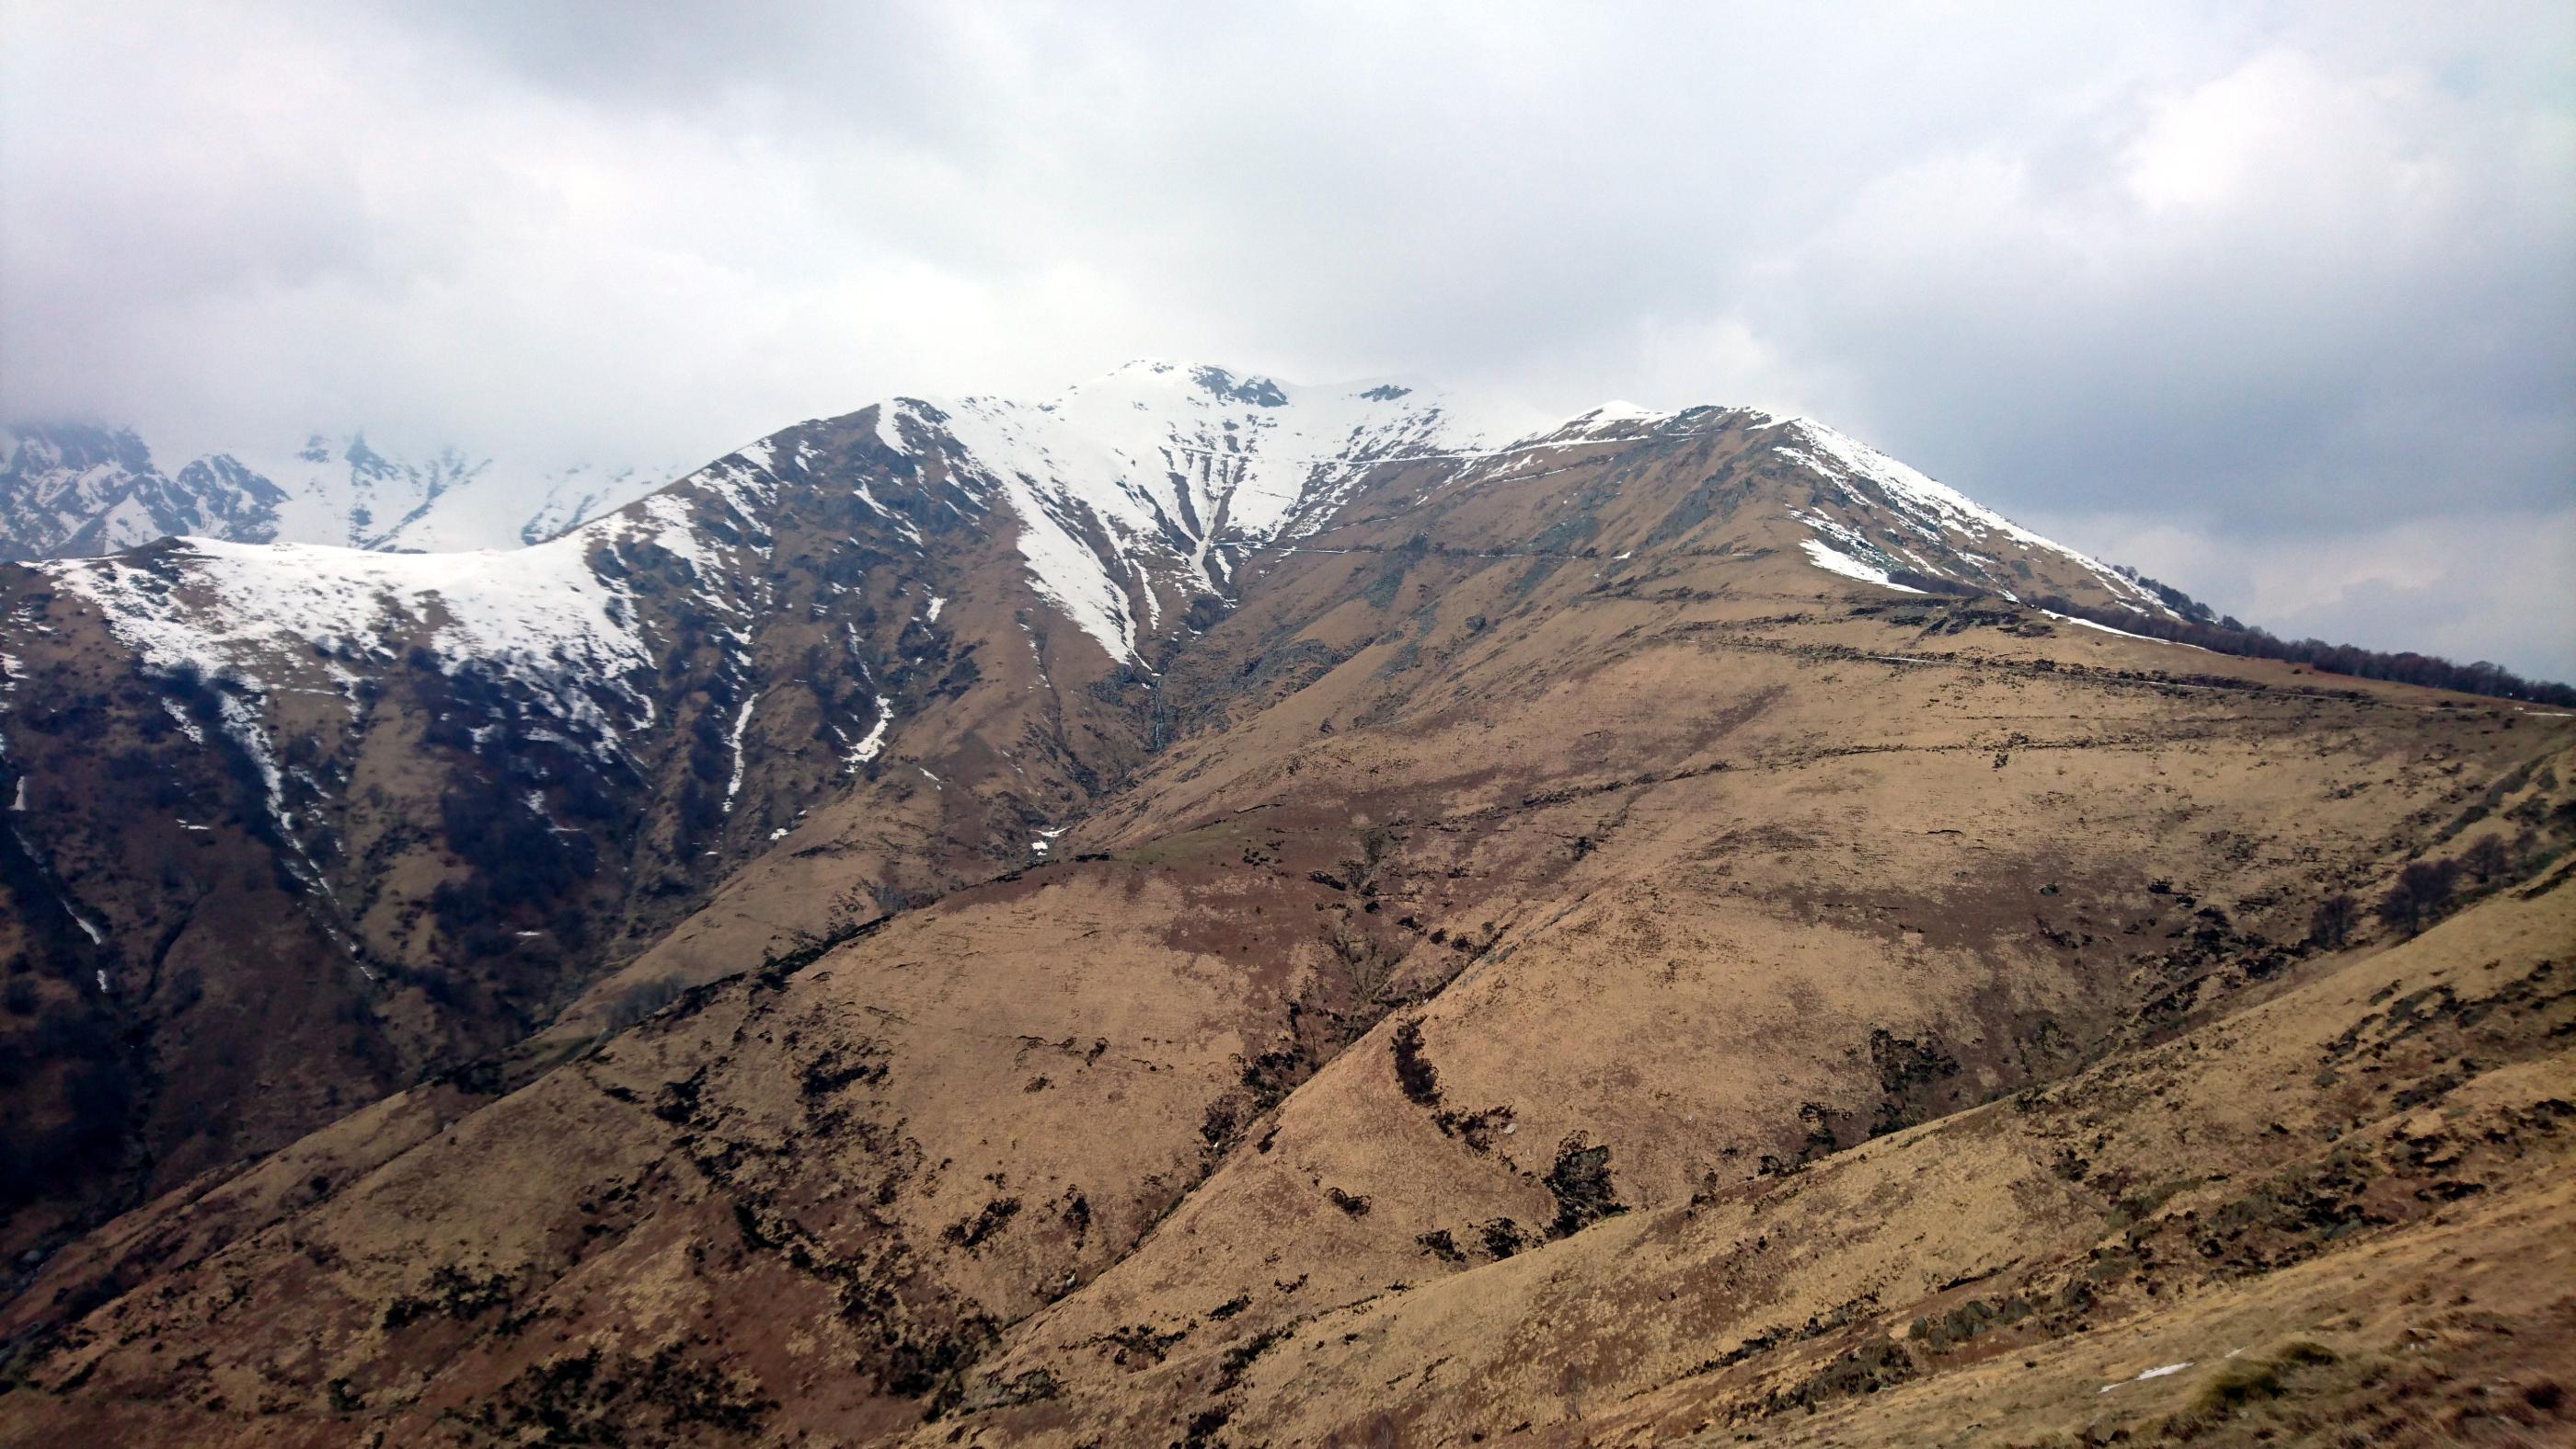 la striscia bianca che si intravede all'orizzonte è l'ultimo tratto che abbiamo percorso della Linea Cadorna: il monte Zeda rimarrà invece coperto dalla nuvola di fantozziana memoria